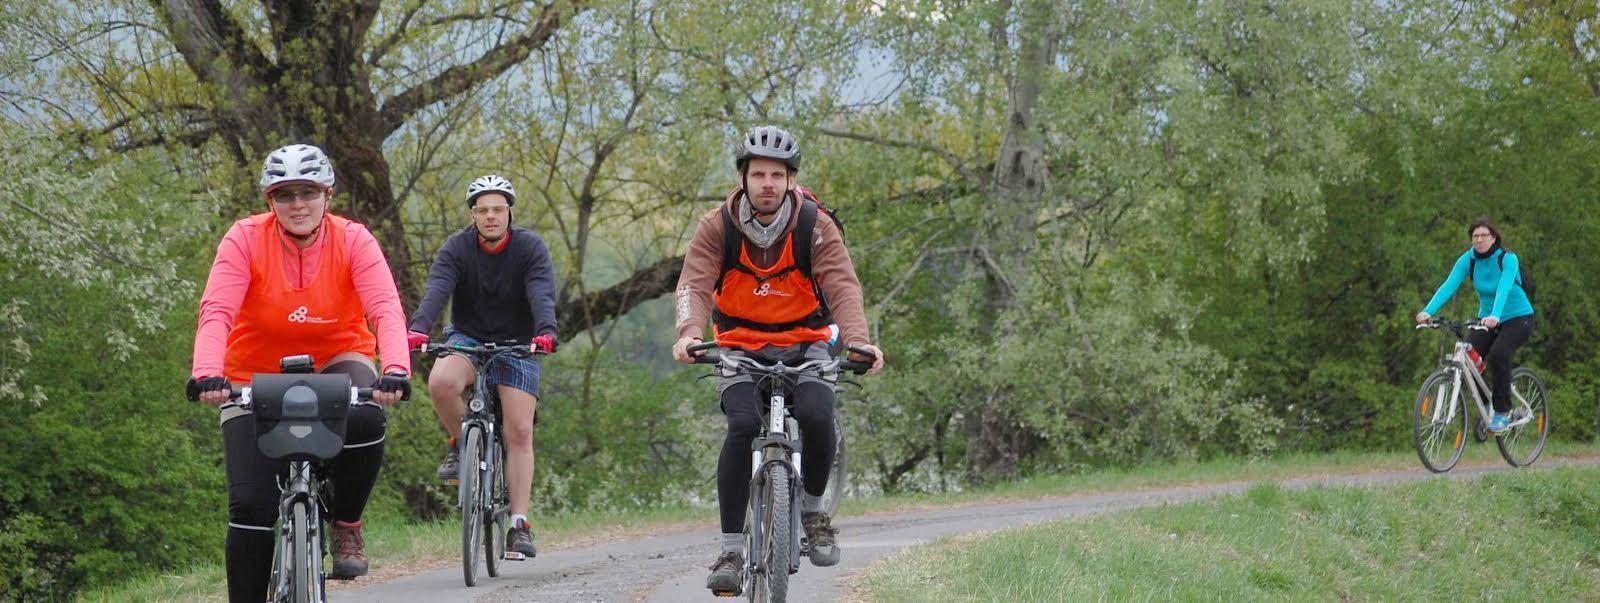 Kerékpáros hétvége az Őrségben